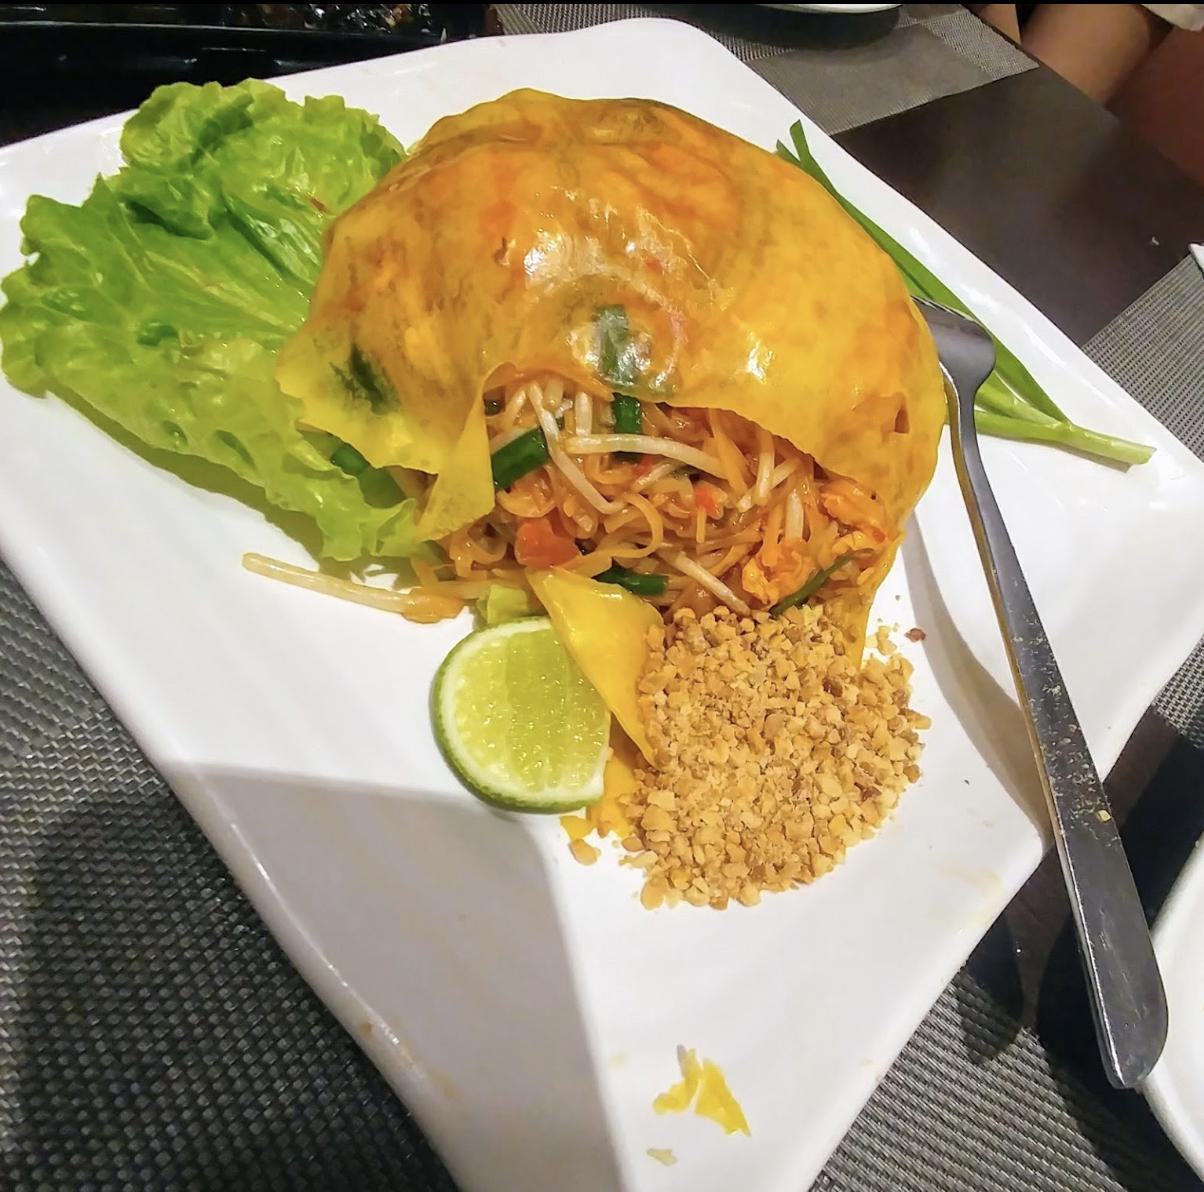 九龙城美食/Orange Elephant/金边粉基本上每次到泰国餐厅都会点!呢间既蛋网超薄超靓,打卡前可以轻轻介, 好似荷花一样打开~~ 海鲜种类同份量岩岩好,味道都好好味!